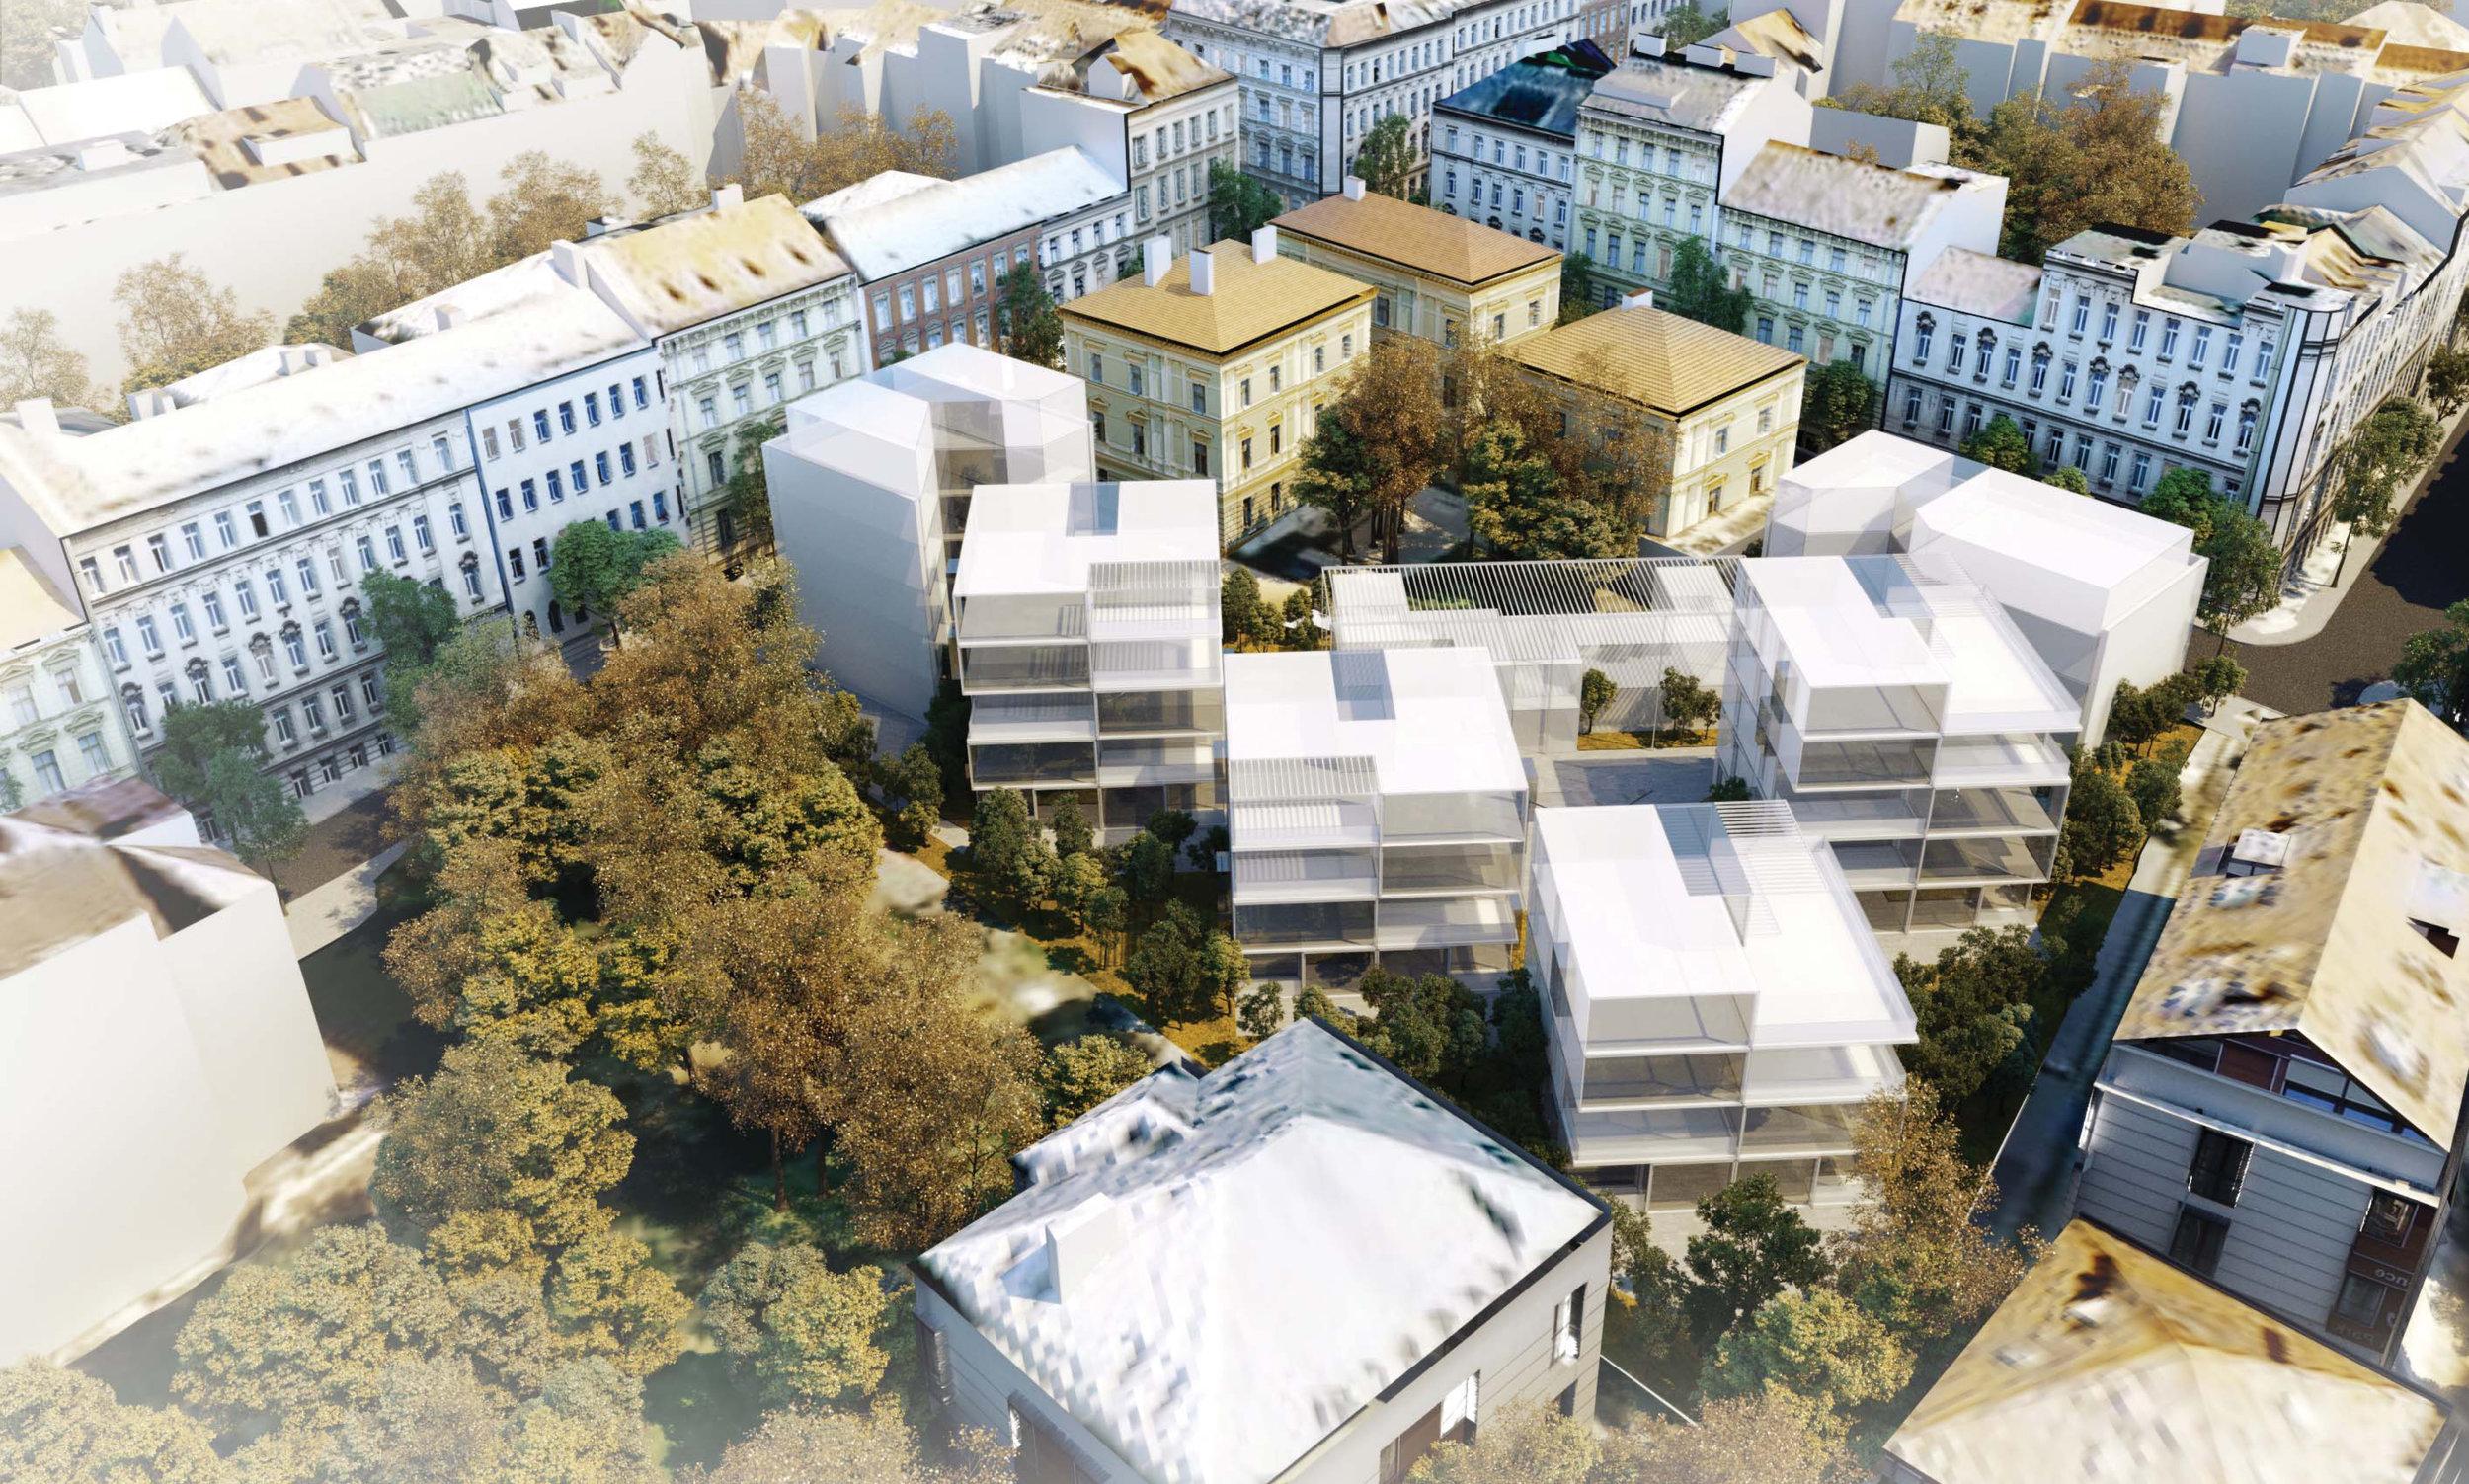 180306_Round 2_Architectural Concept 25.jpg